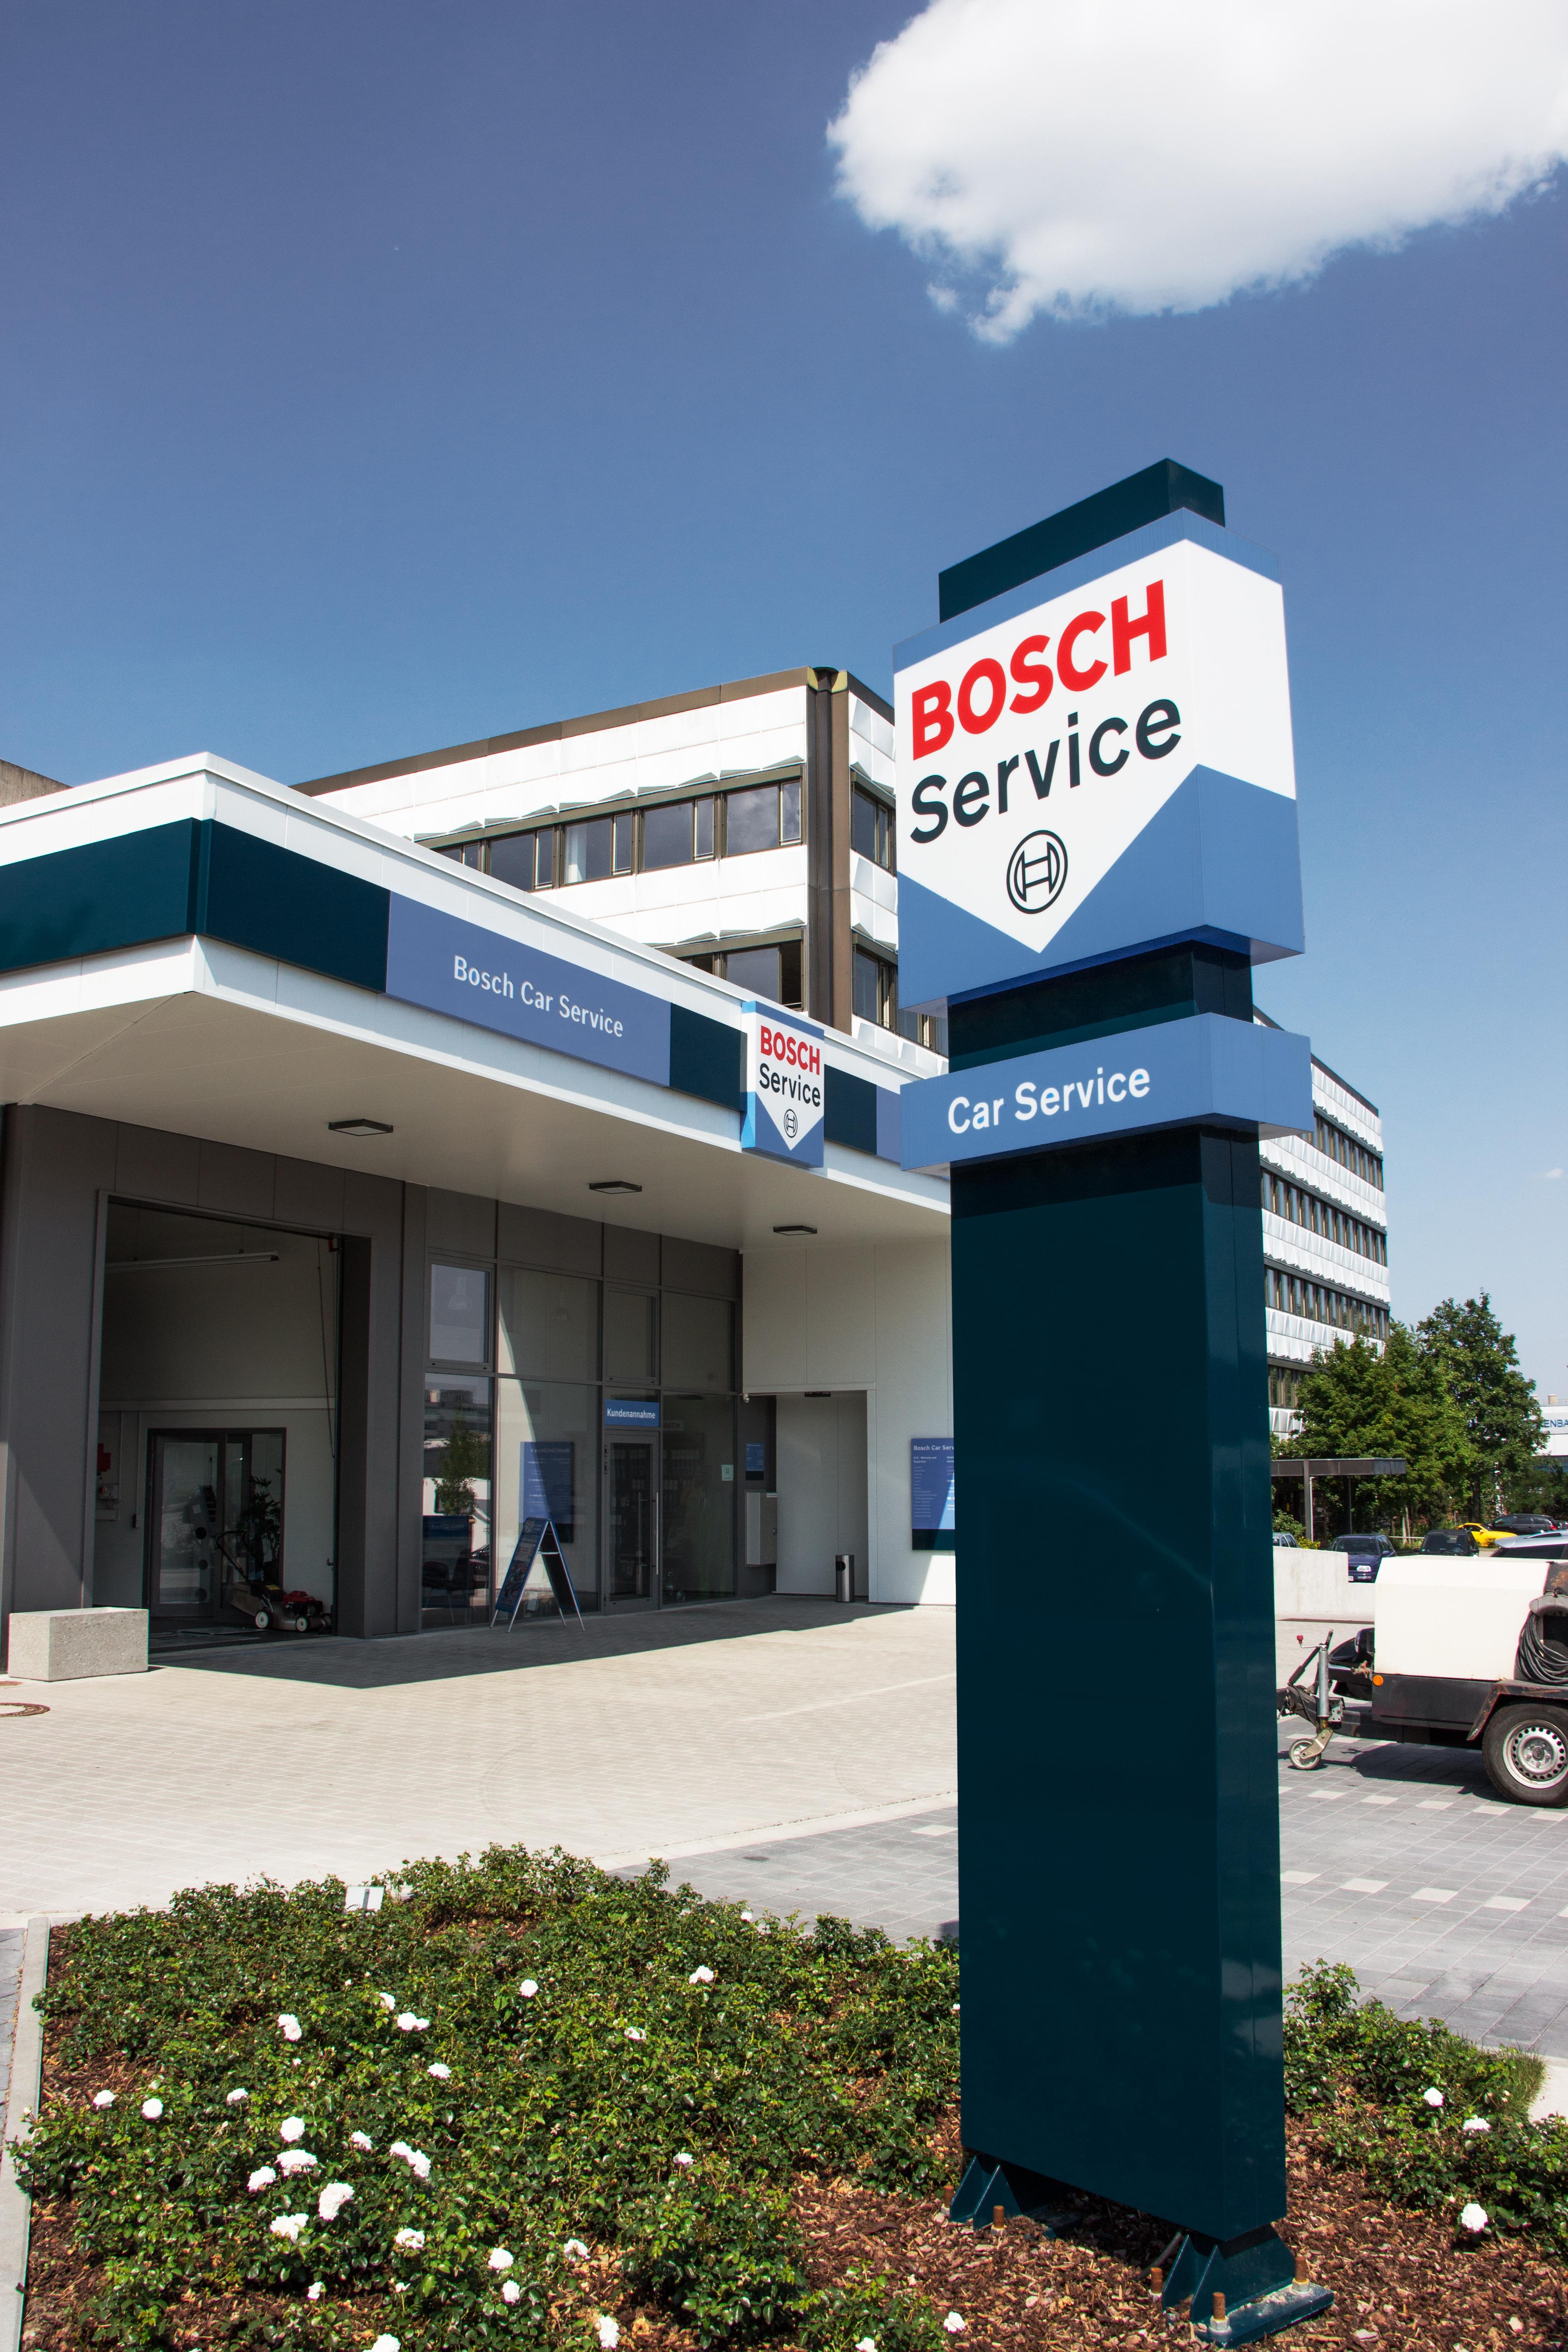 La prima officina di installazione e riparazione Bosch ha aperto i battenti ad Amburgo nel 1921 costituendo quella che oggi è la più grande rete di officine indipendenti al mondo